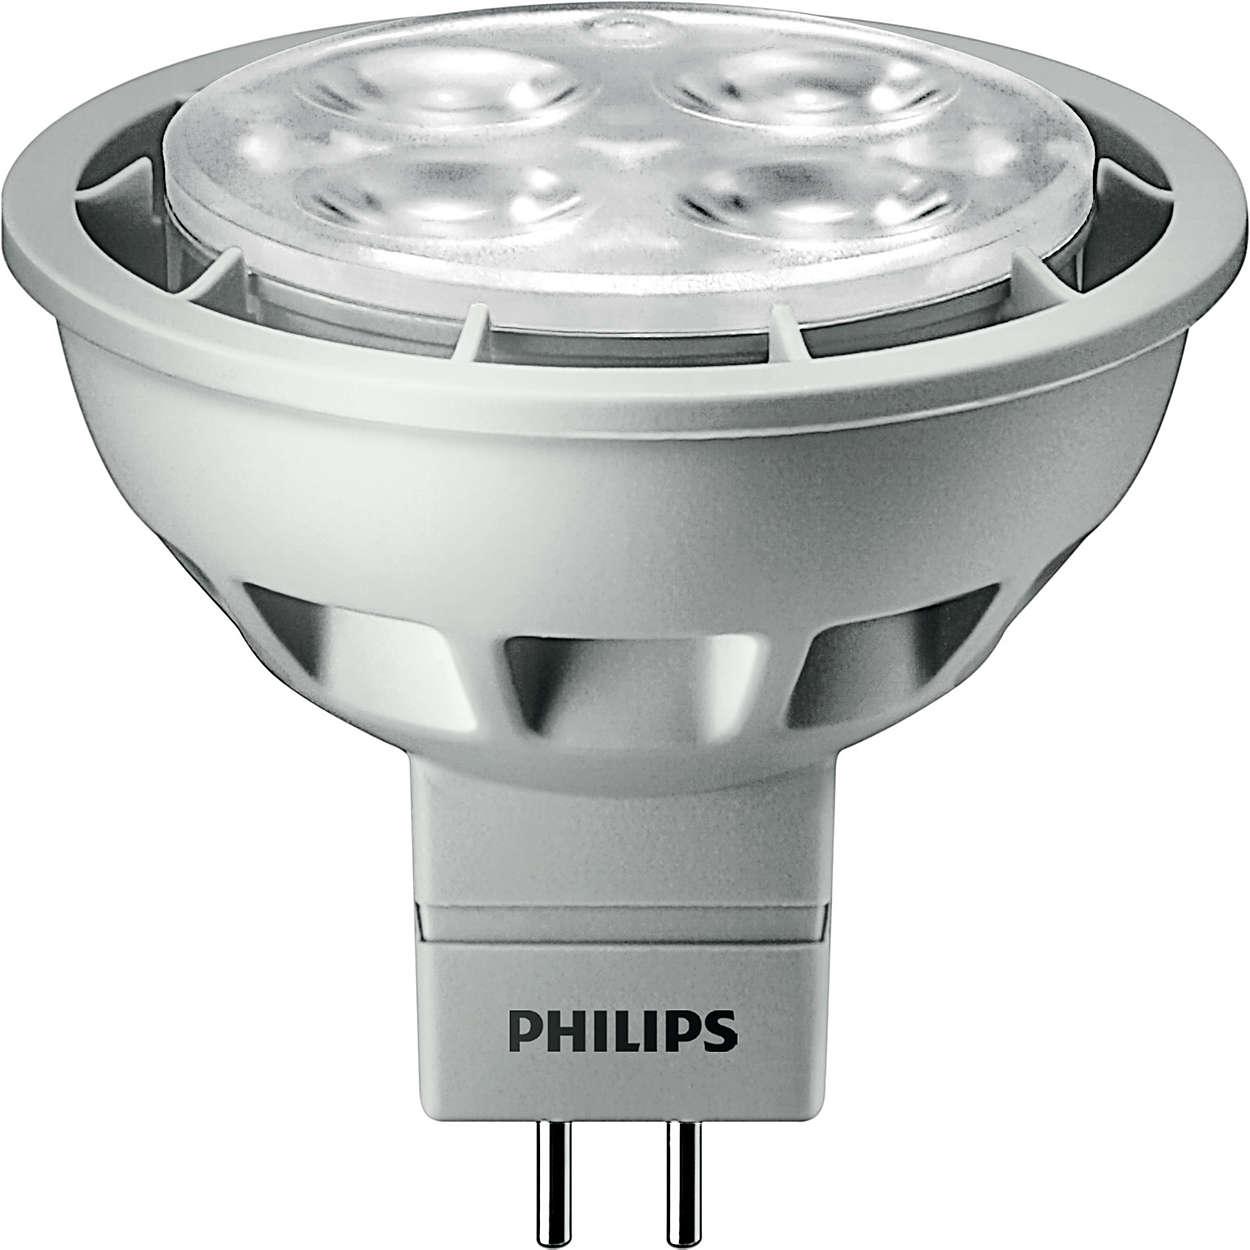 Essential LED - Affordable LED solution